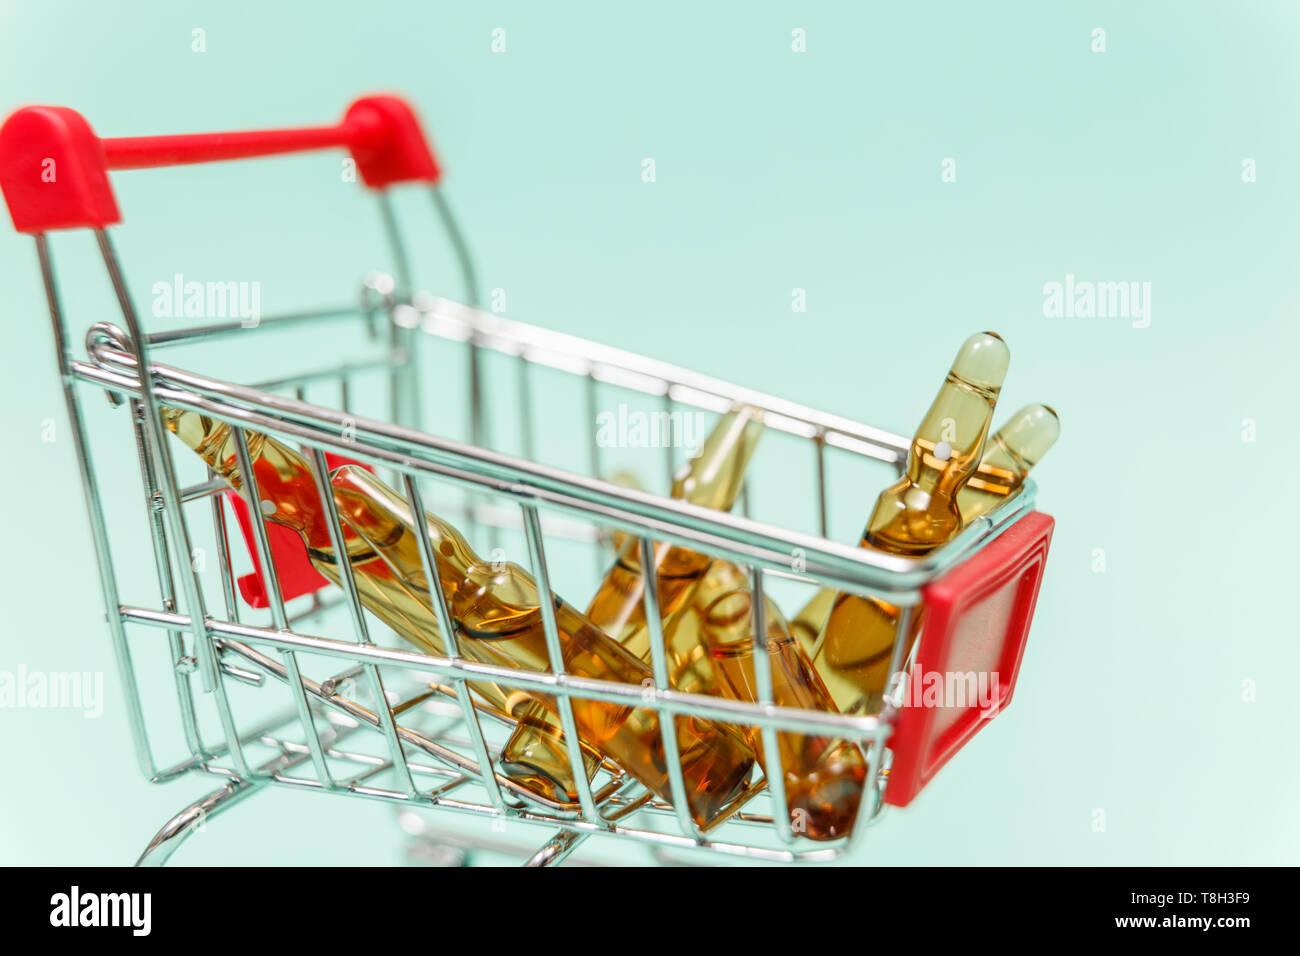 Los medicamentos en compras sobre fondo azul. Foto de stock